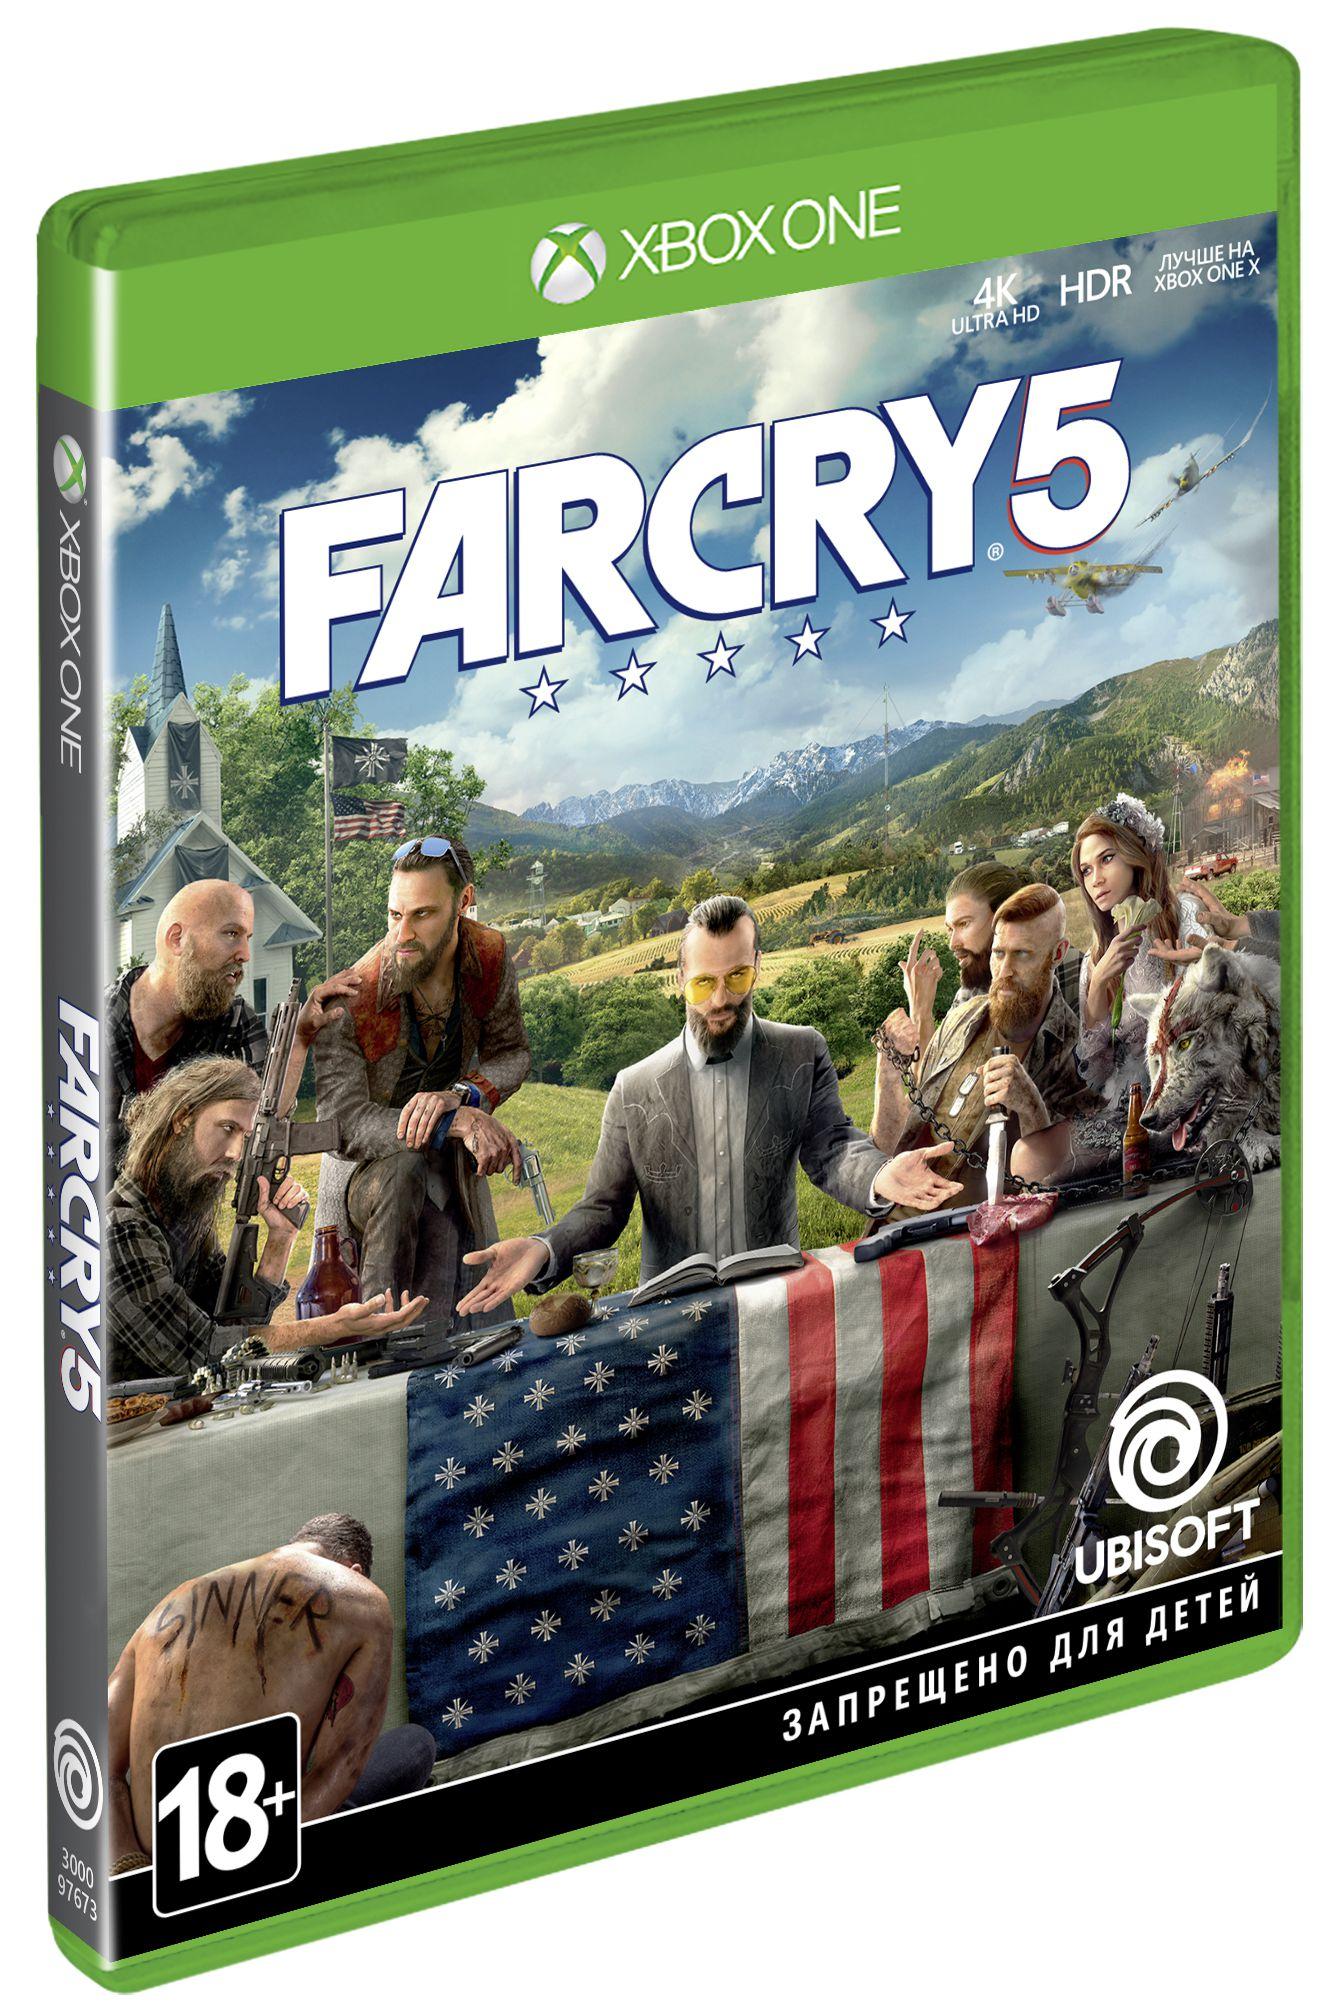 Far Cry 5 [Xbox One] forza motorsport 5 [xbox one]